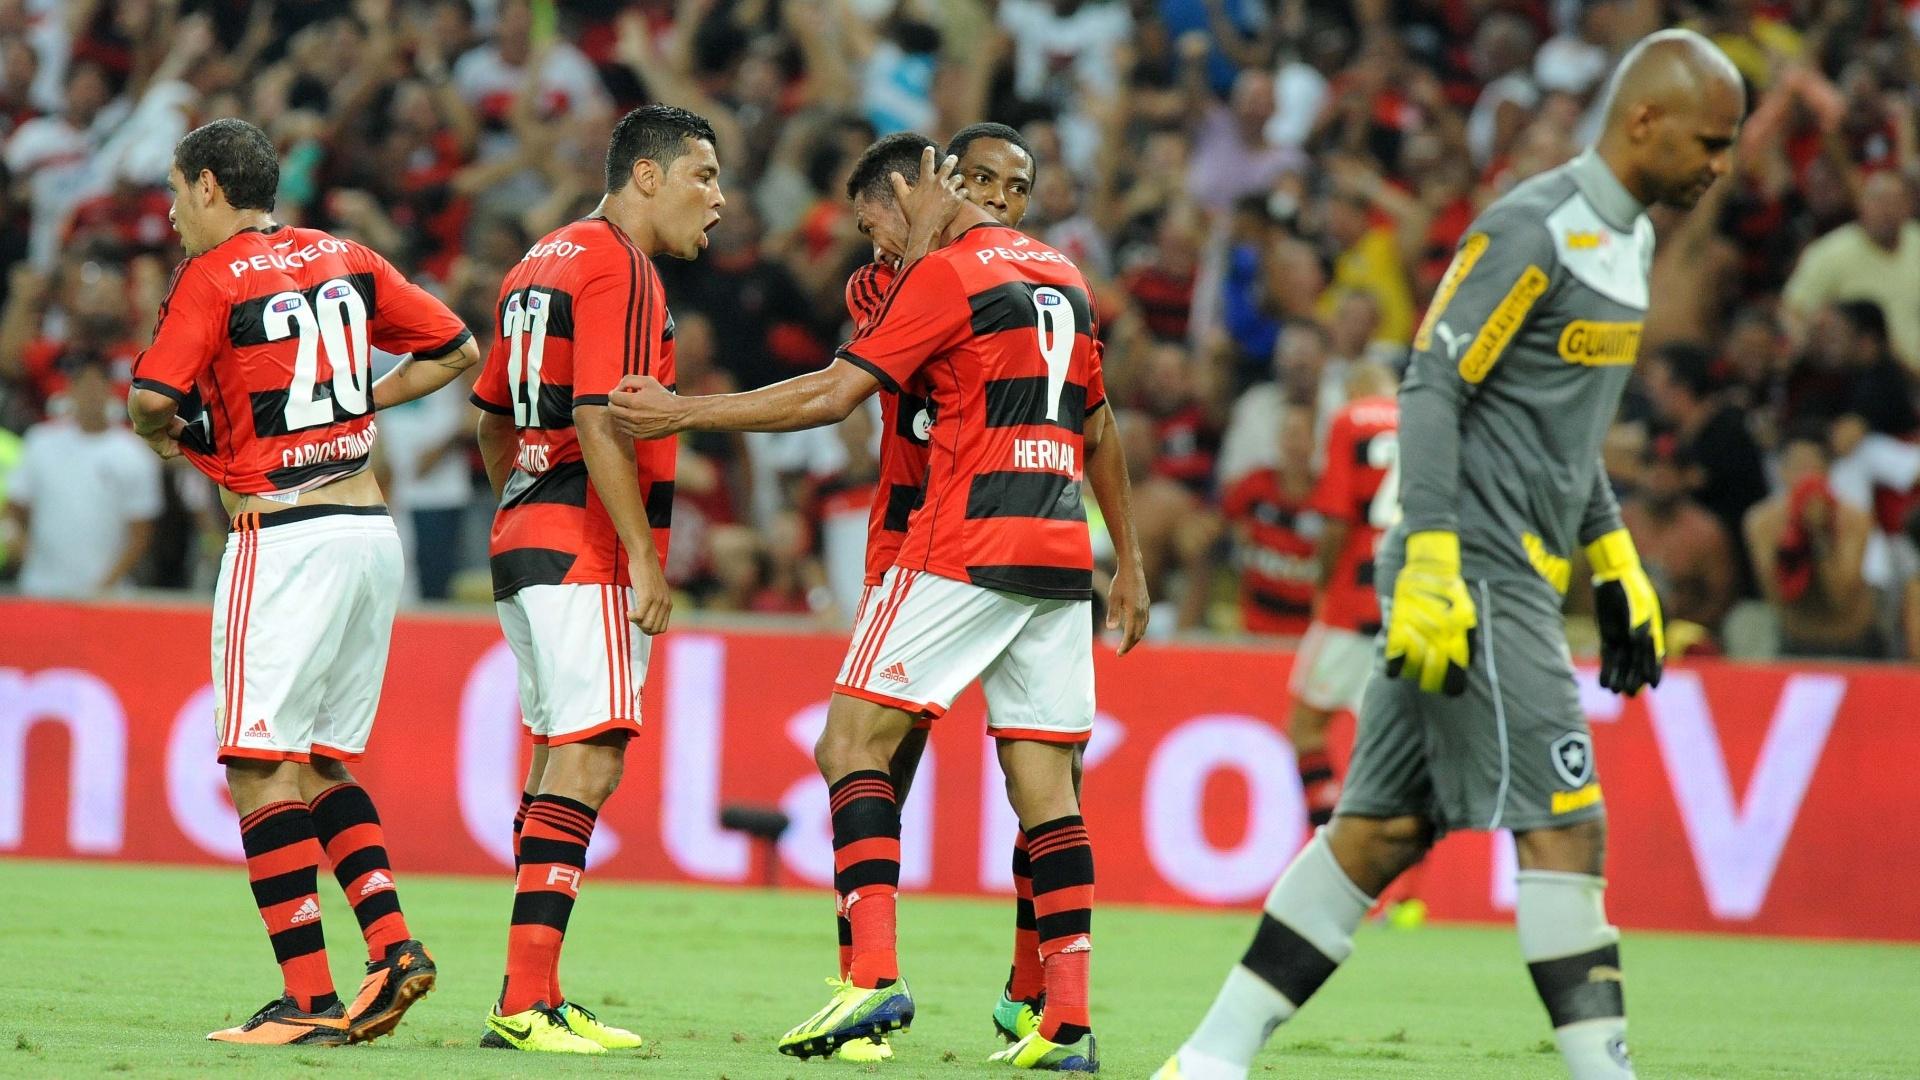 Carlos Eduardo, André Santos, Elias e Hernane comemoram gol do Flamengo sobre o Botafogo, pela Copa do Brasil